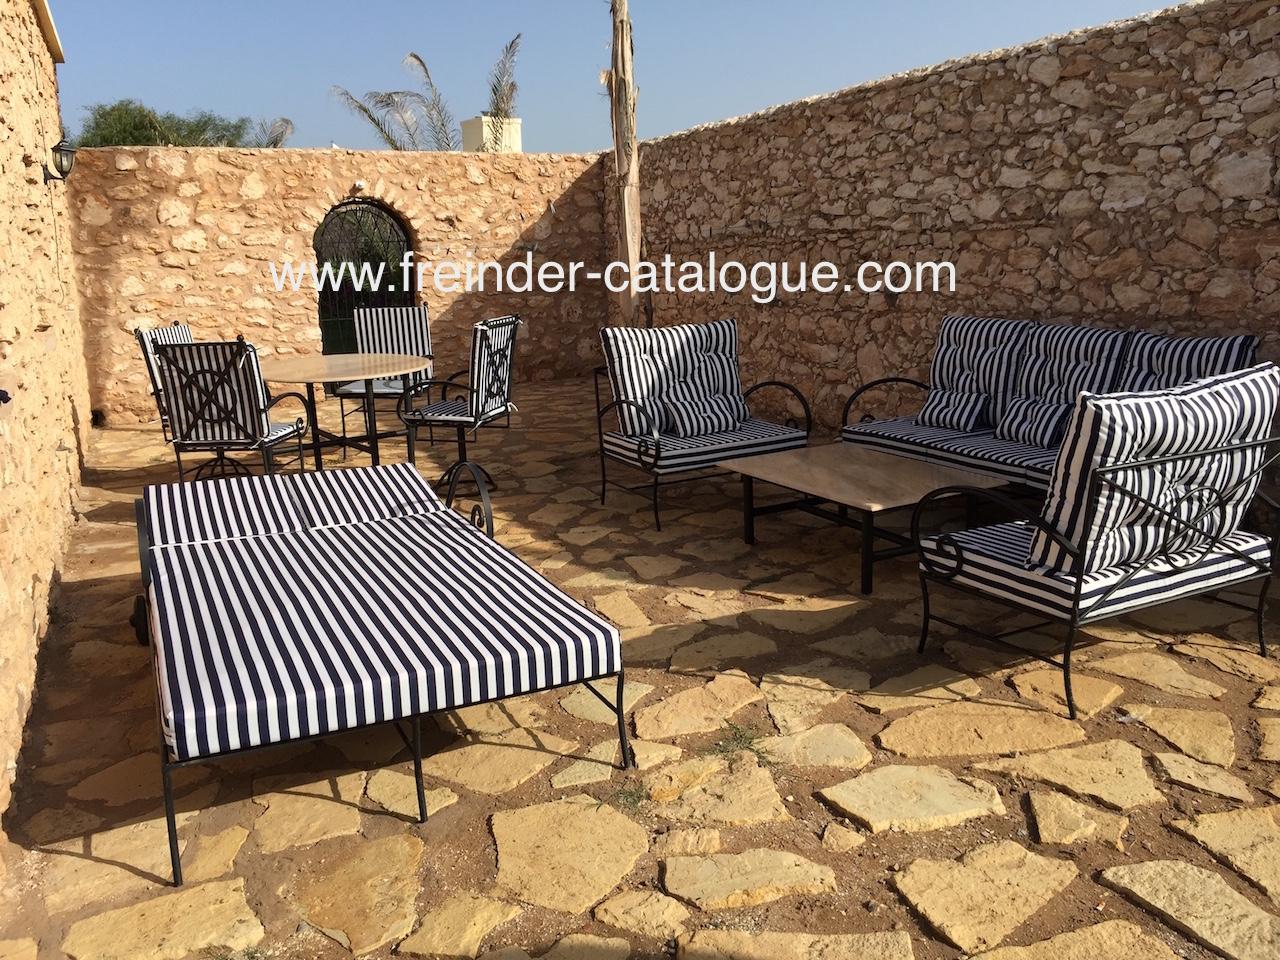 Royal Sofa - Salon De Jardin En Fer Forgé Pas Cher avec Salon De Jardin Fer Forgé Pas Cher